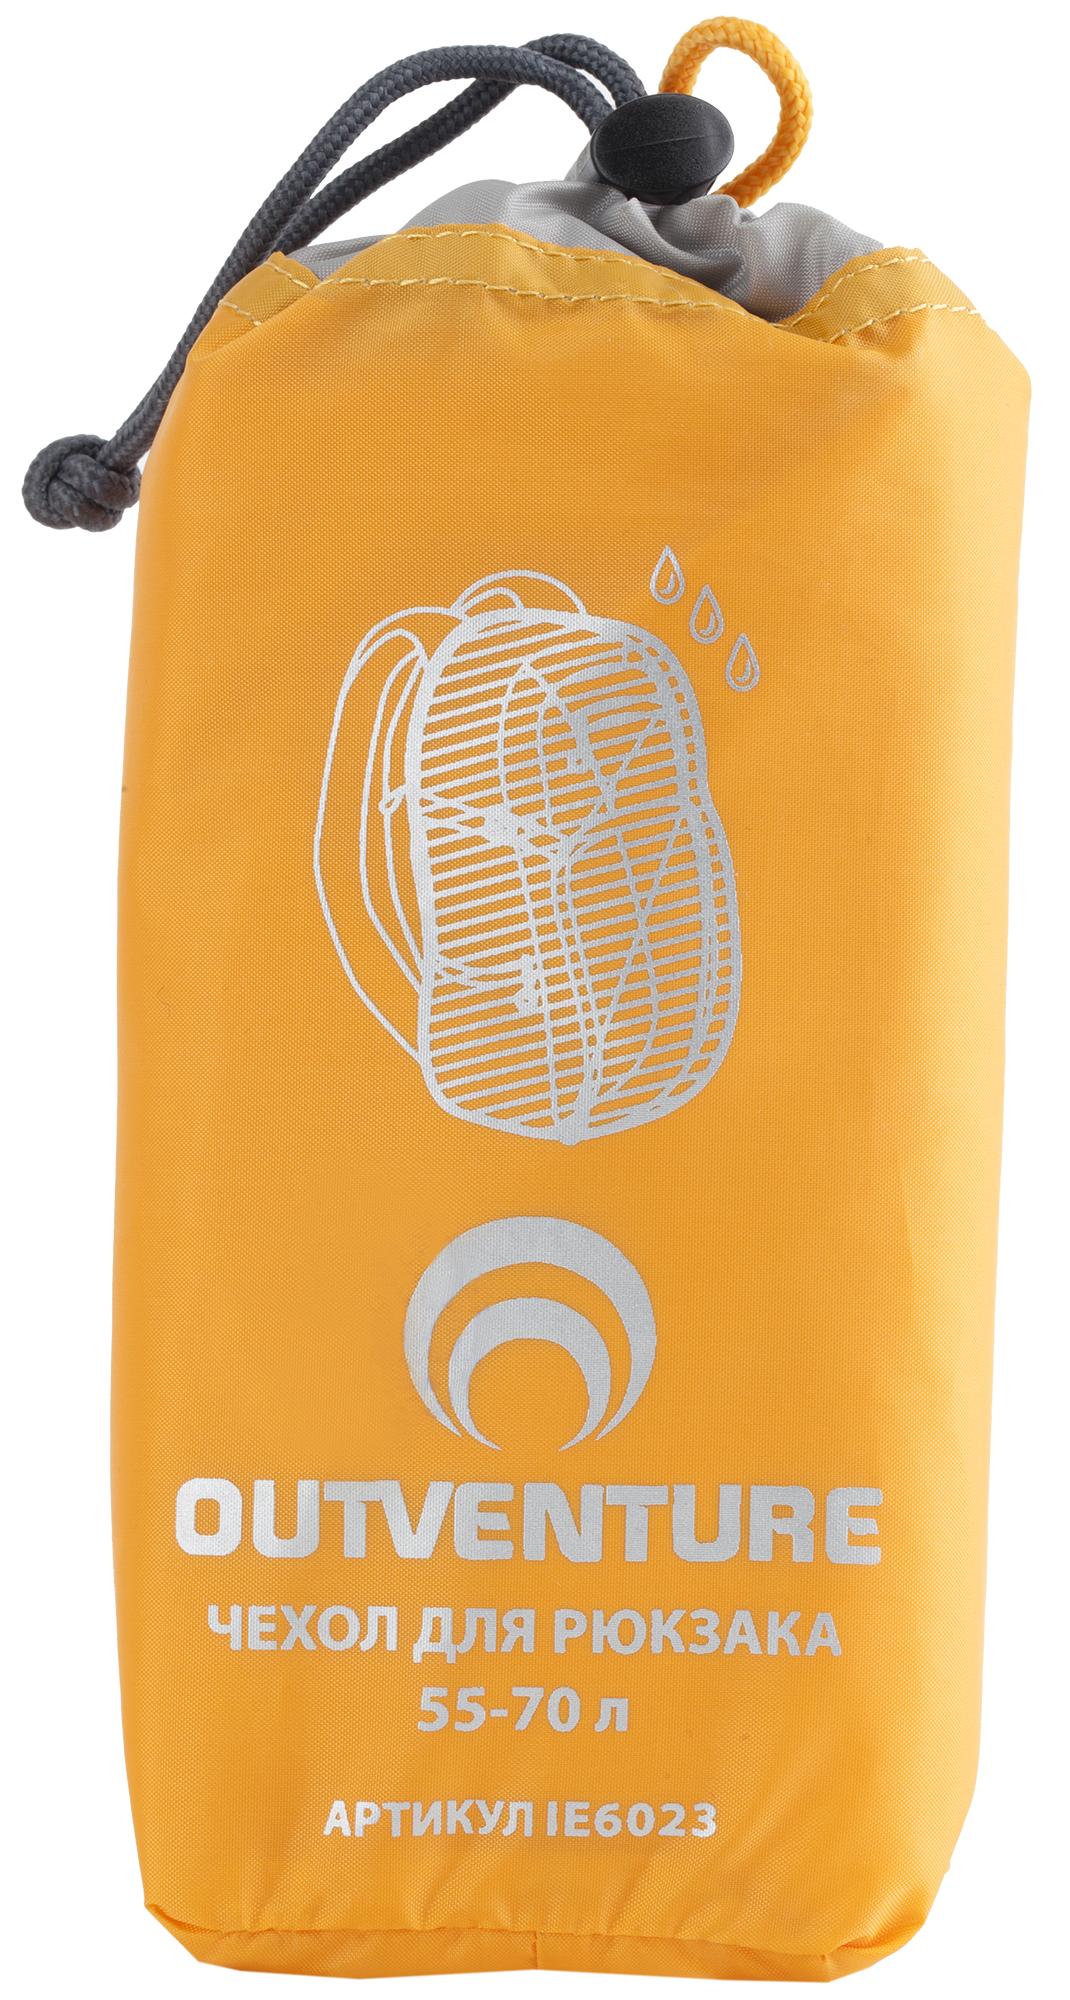 Outventure Накидка на рюкзак Outventure, 55-70 л цена 2017